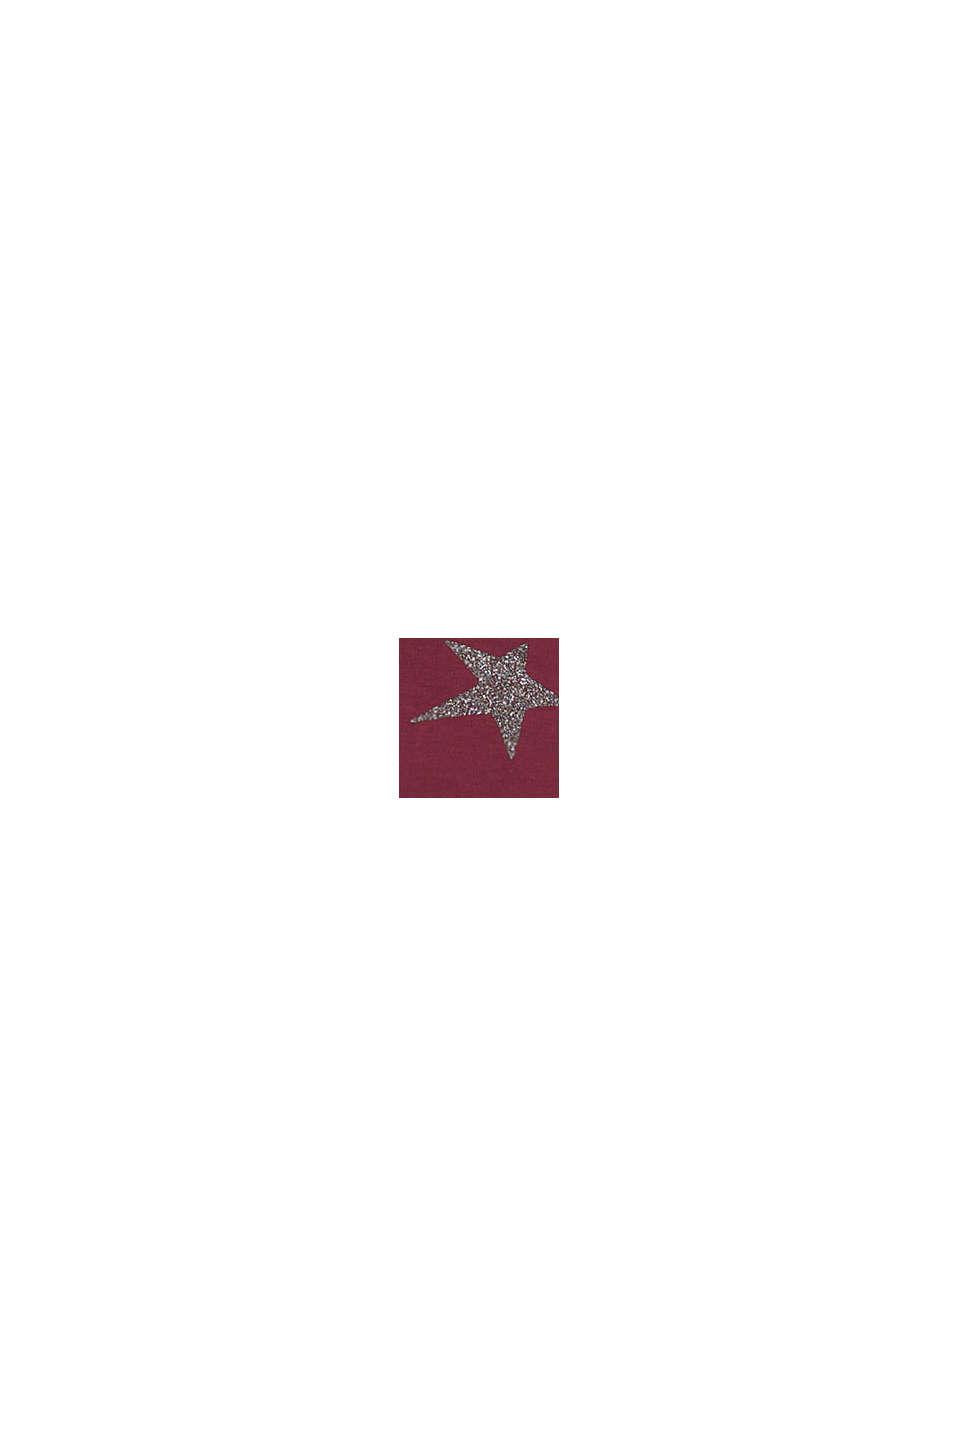 Jersey-Kleid mit glitzerndem Sterne-Print, PLUM RED, swatch